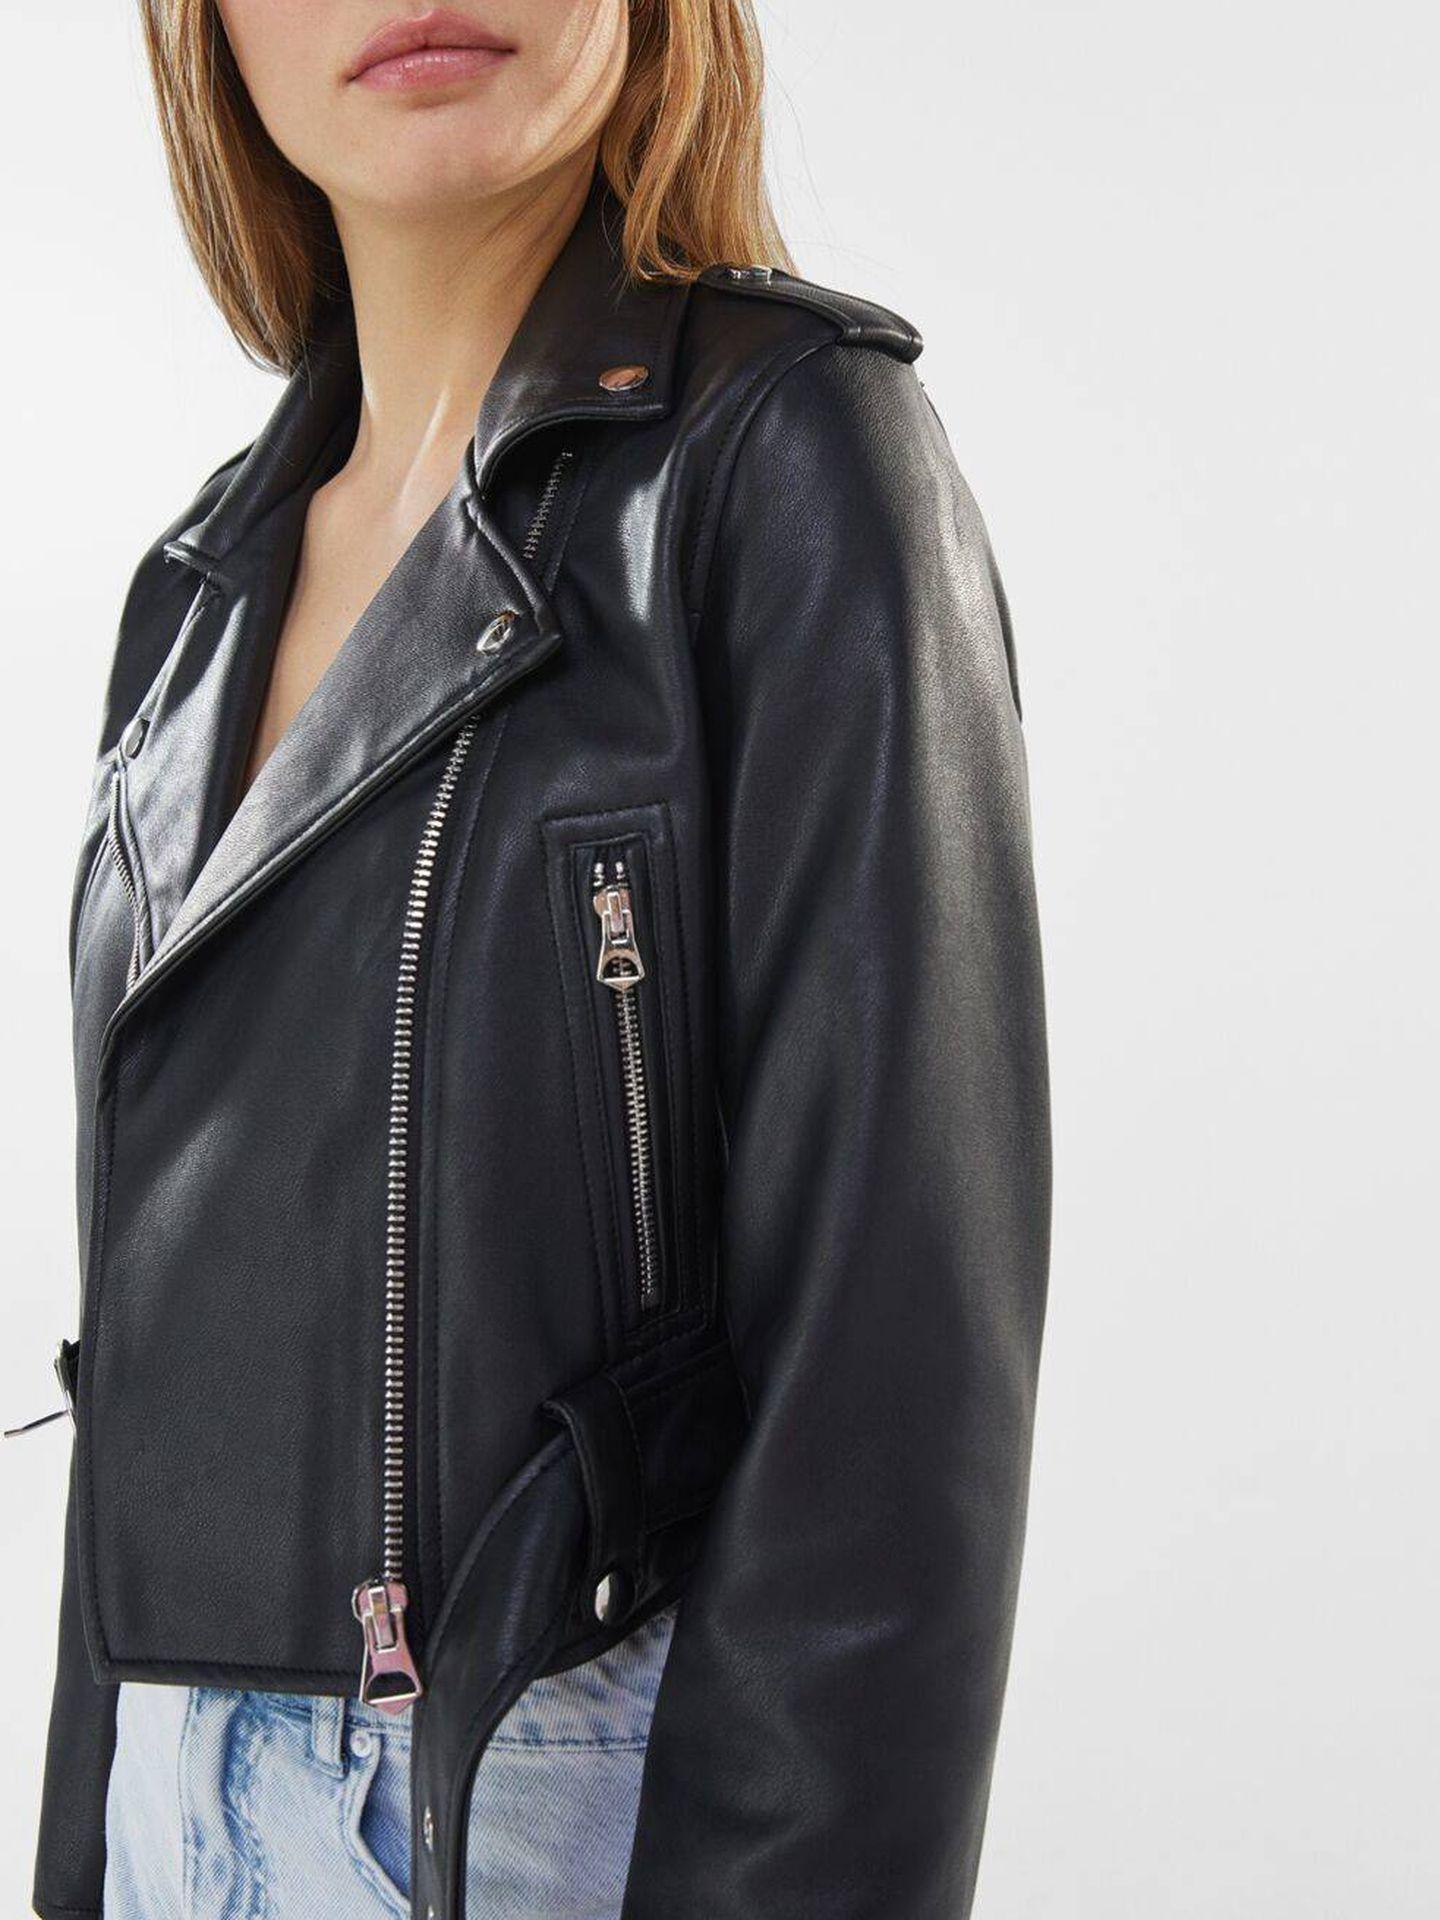 La chaqueta biker de Bershka. (Cortesía)